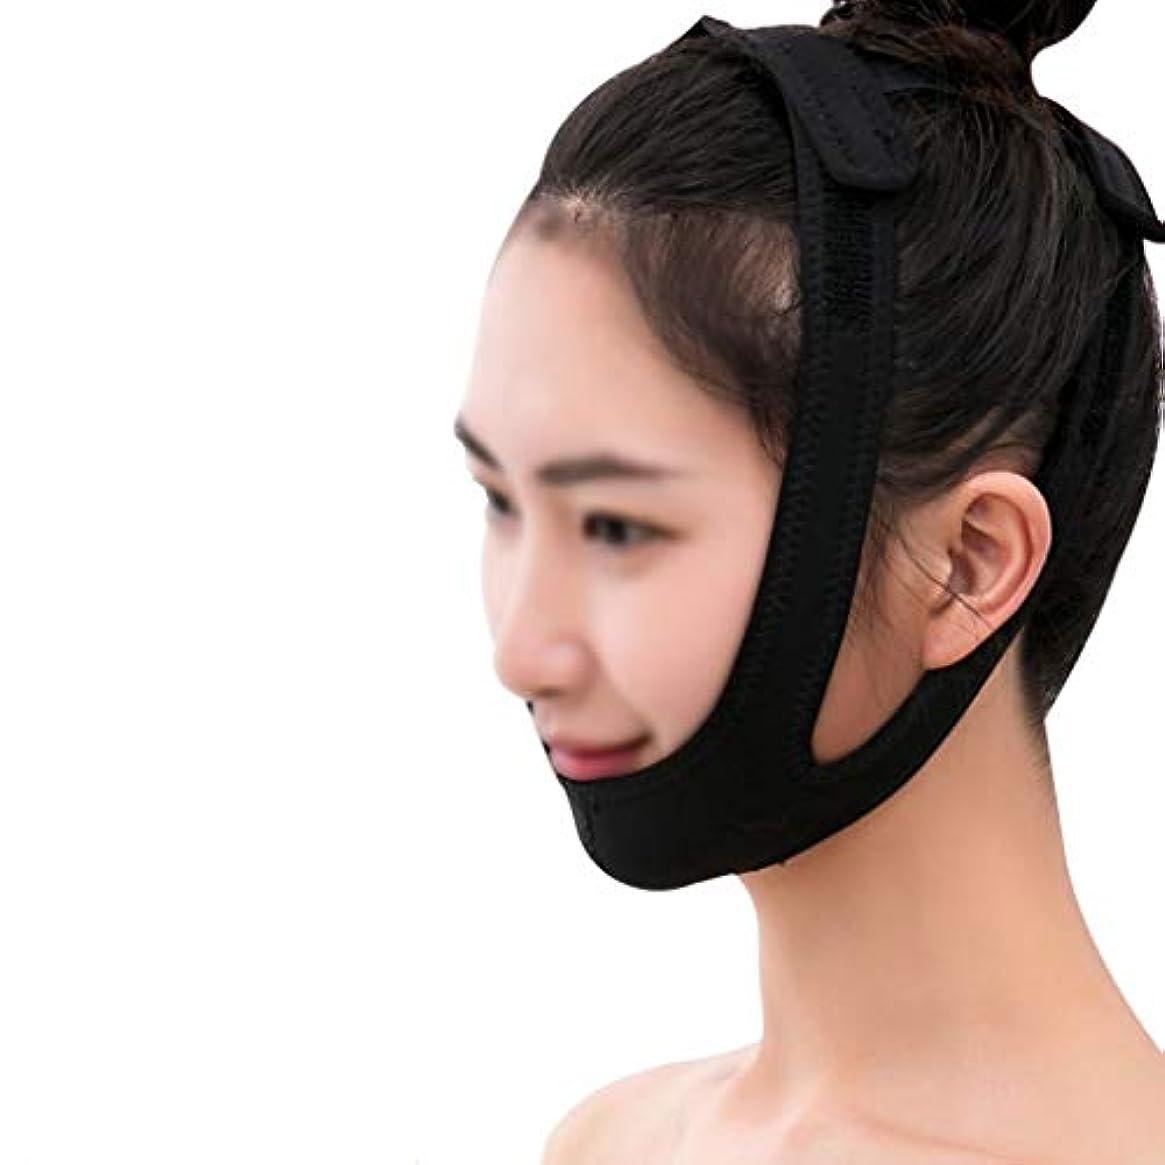 囚人ええ成功フェイシャルリフティングマスク、医療用ワイヤーカービングリカバリーヘッドギアVフェイスバンデージダブルチンフェイスリフトマスクブラック